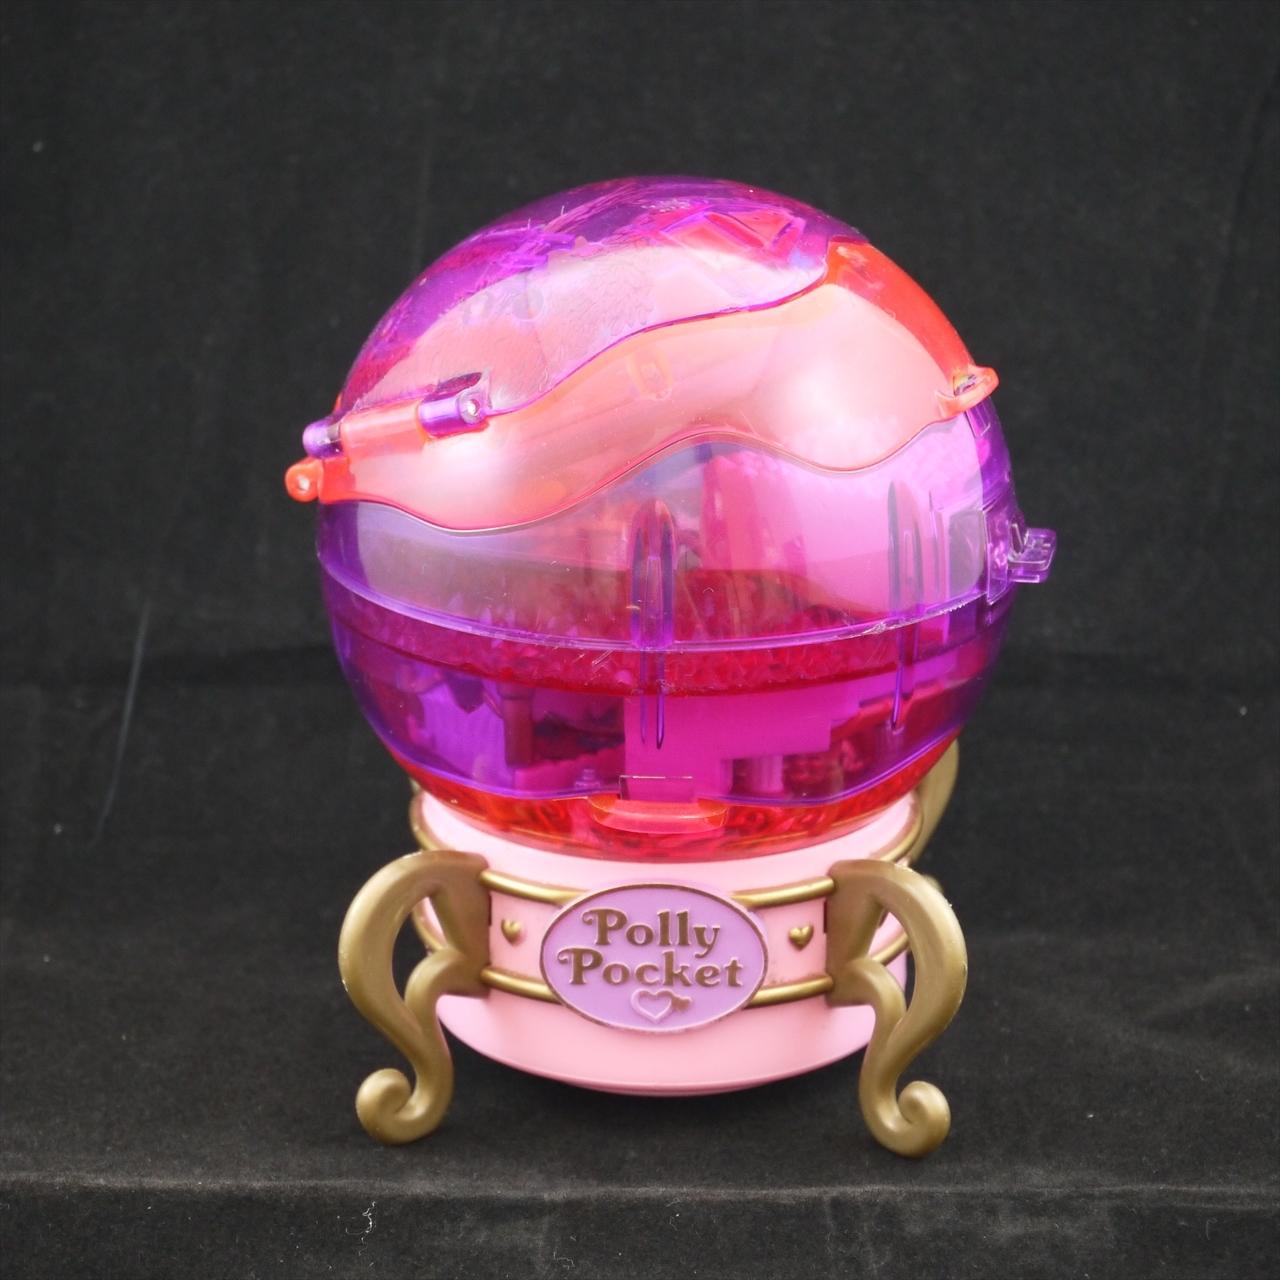 レア!クリスタルボール(ジュエルマジックボール)1996年 完品